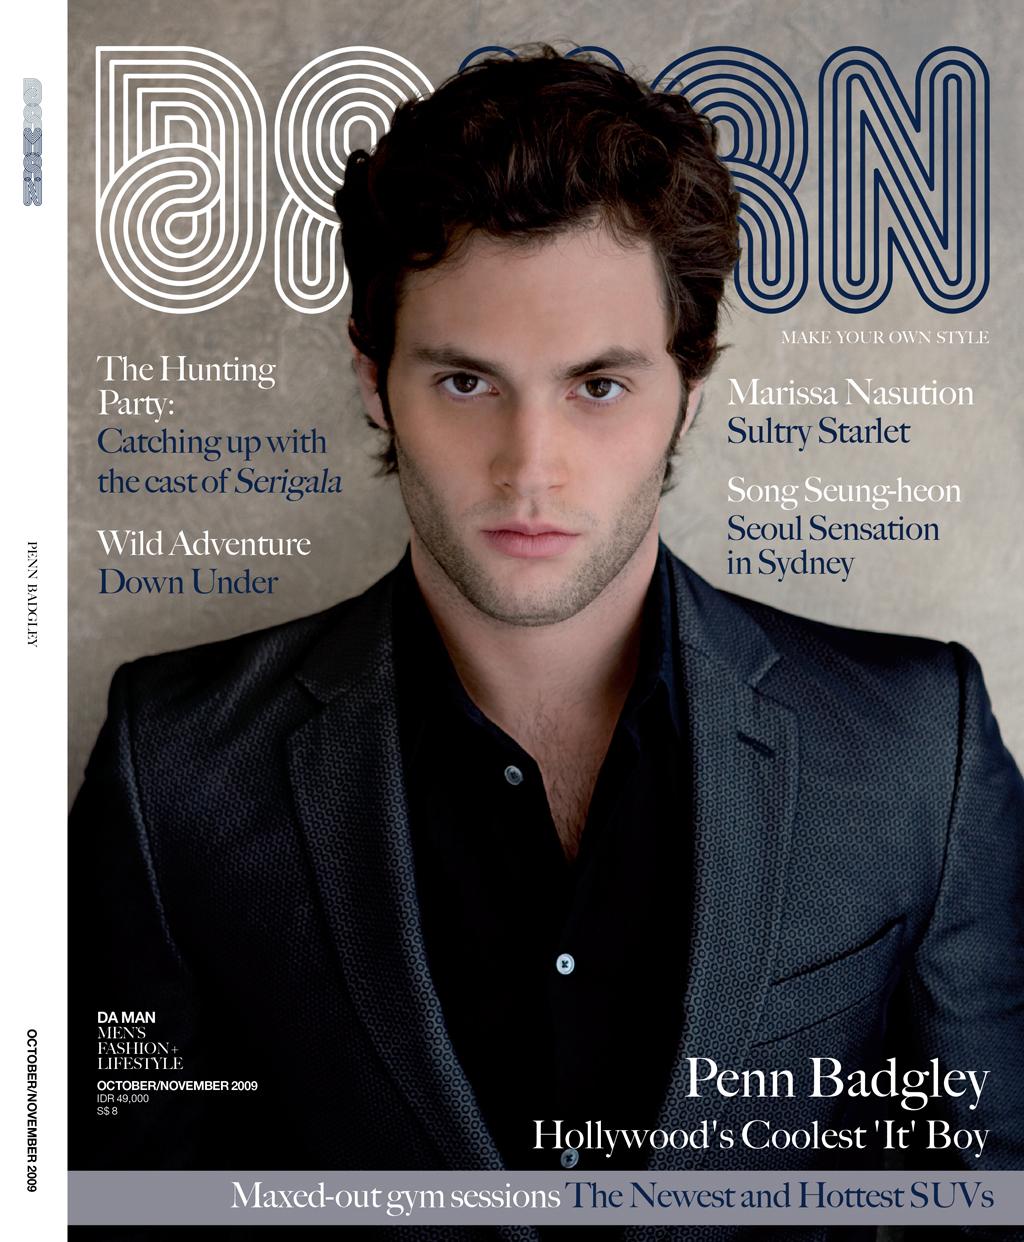 Cover DA MAN Oct/Nov 2009